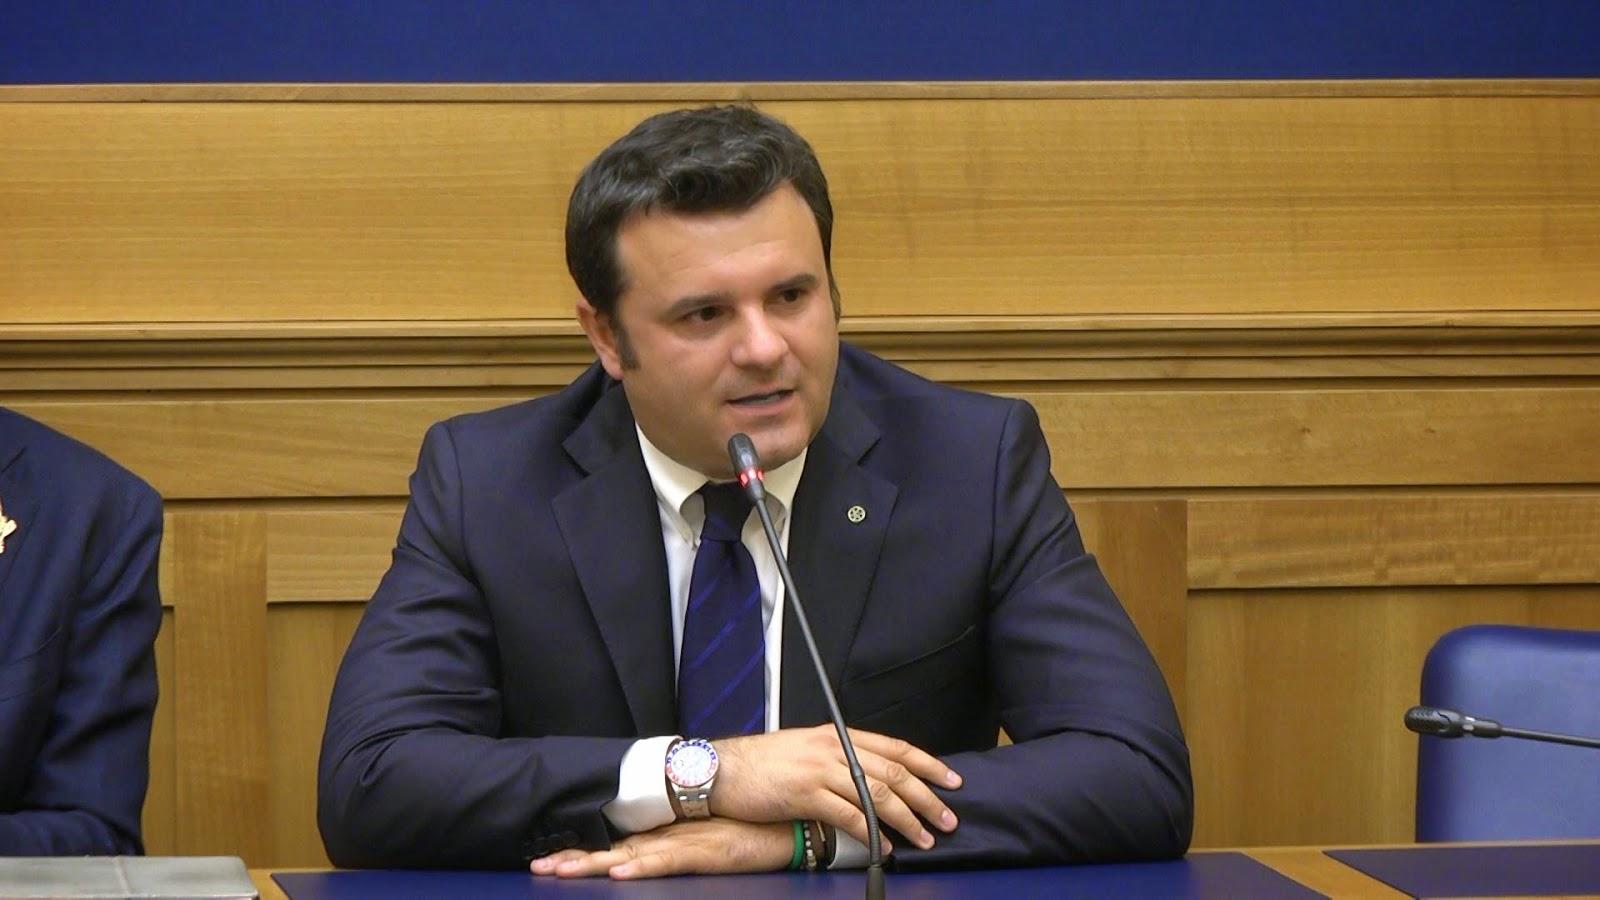 Beni culturali, totoministro: spunta il nome di Gian Marco Centinaio, e per il turismo si va verso il ministero separato